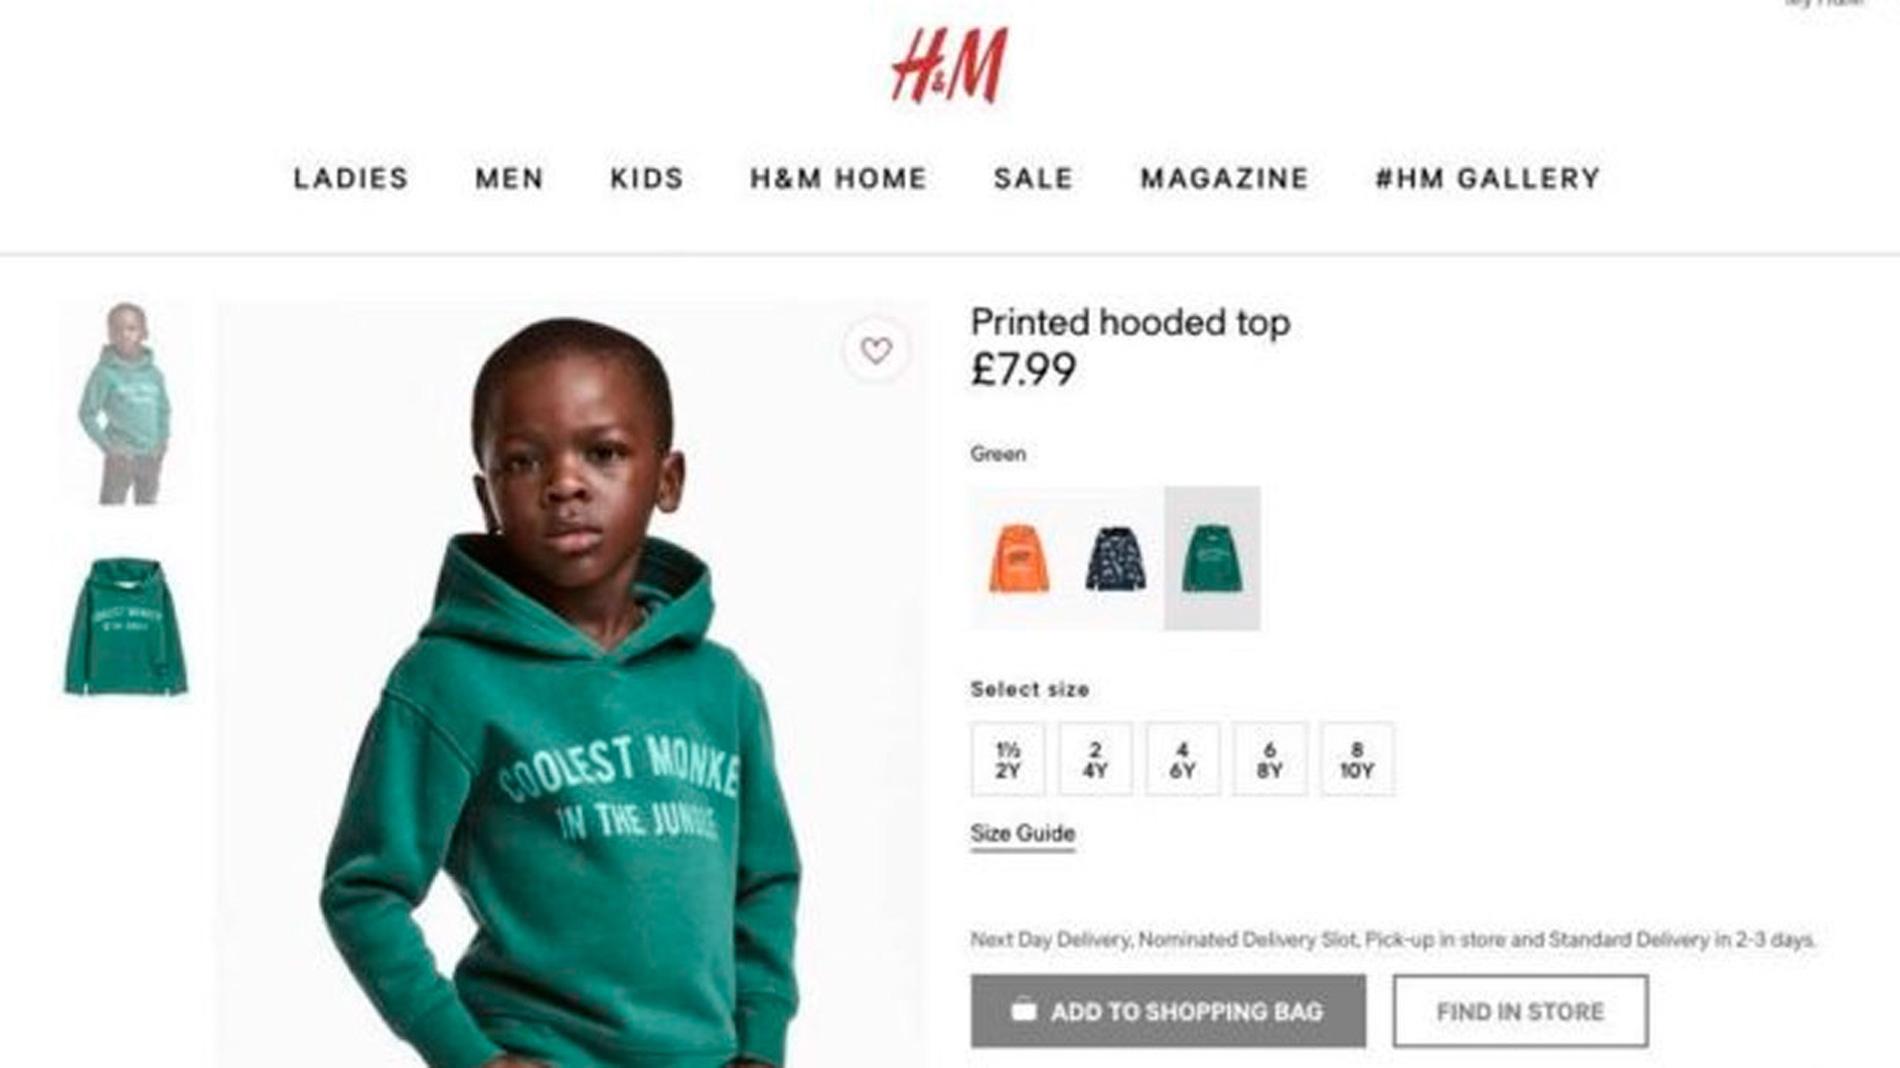 H&M CLAUSURA TIENDAS EN SUDÁFRICA POR EL ESCÁNDALO RACISTA DE SU CATÁLOGO